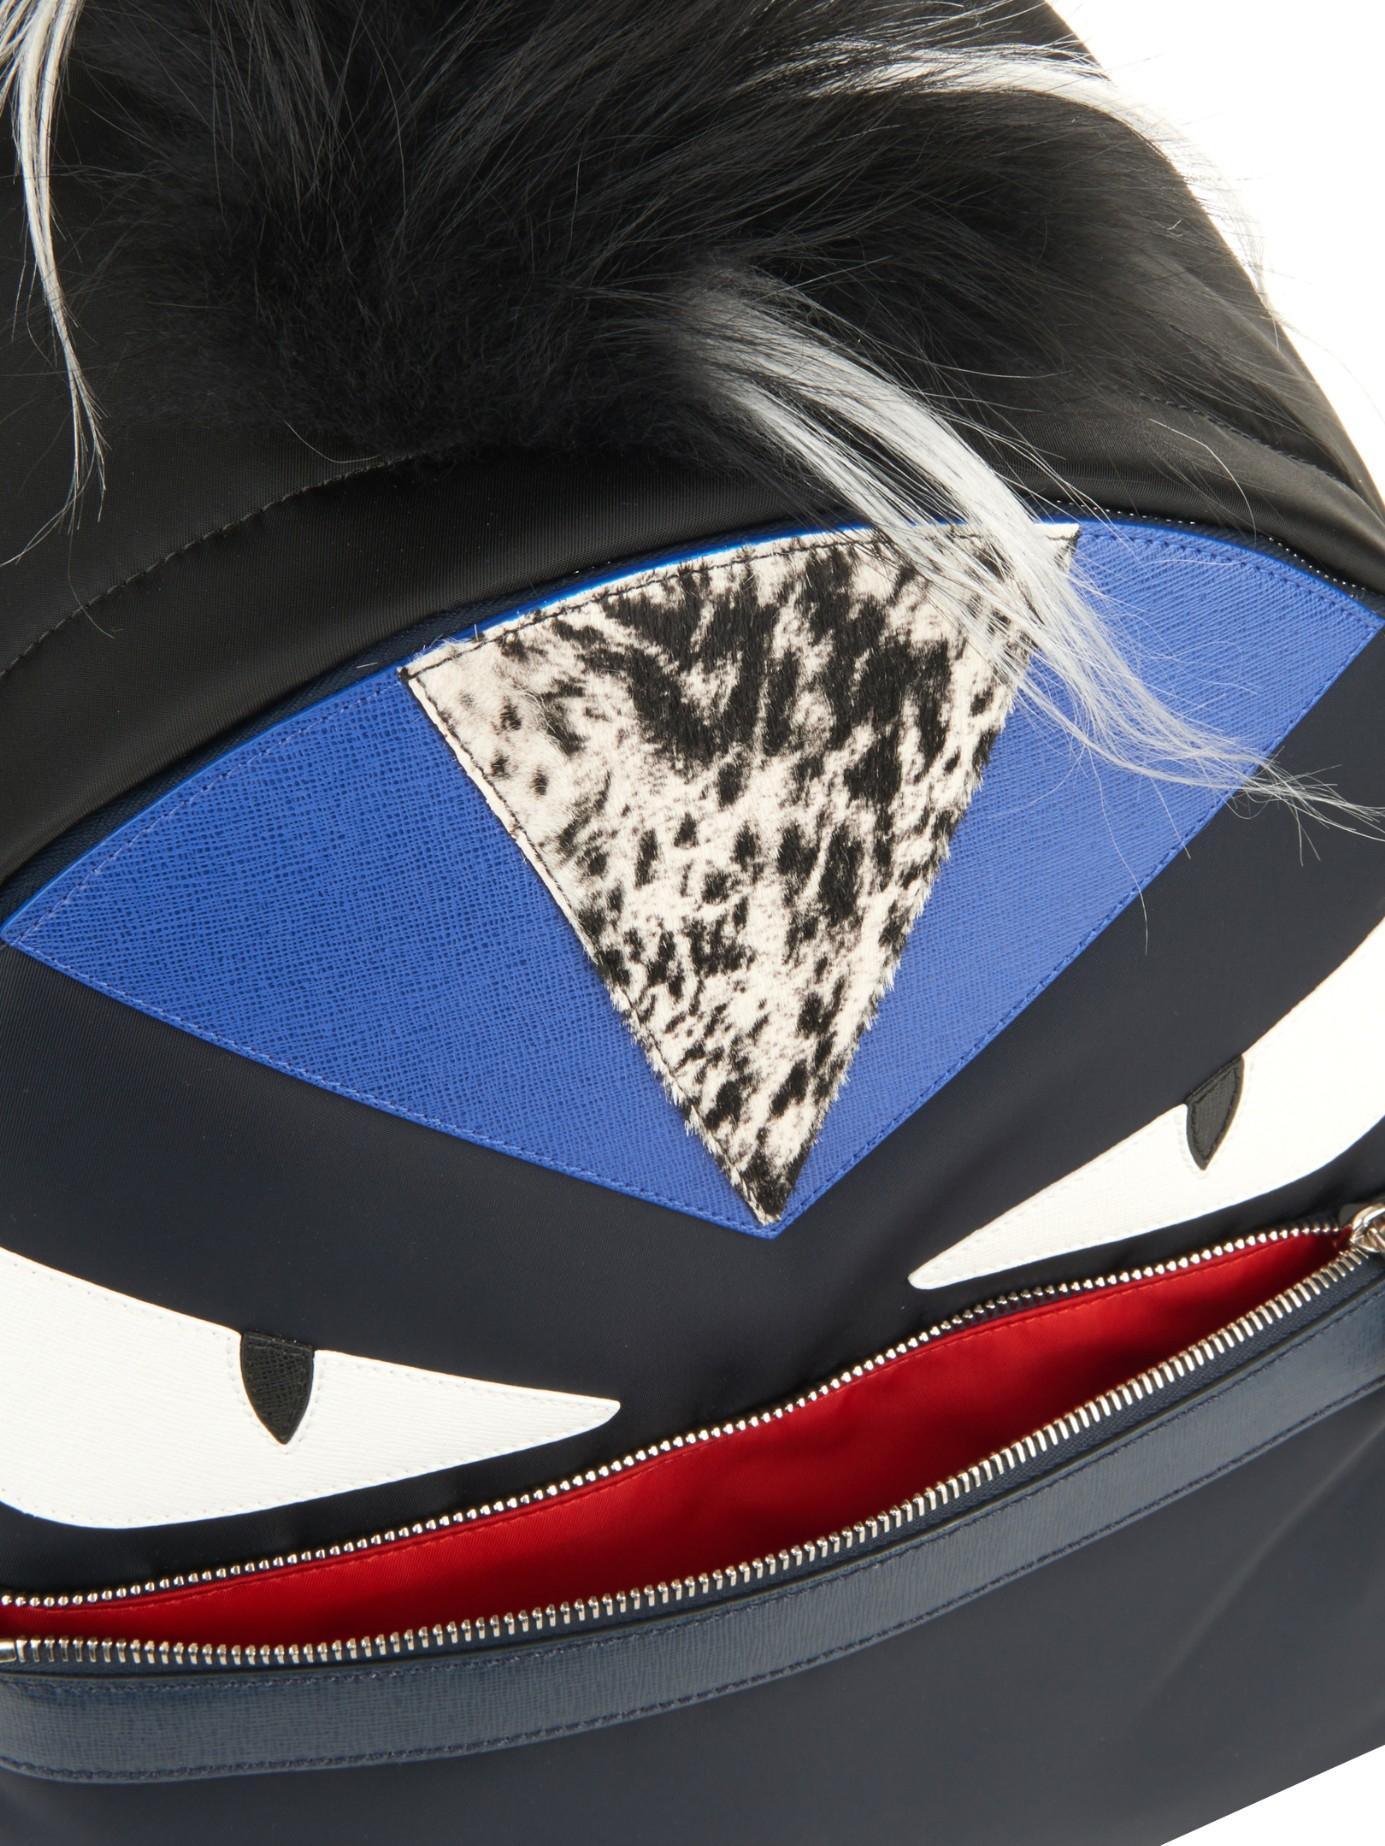 331c8ce5673 ... the latest 0d327 1b647 Lyst - Fendi Bag Bugs Nylon Backpack in Black  for Men ...